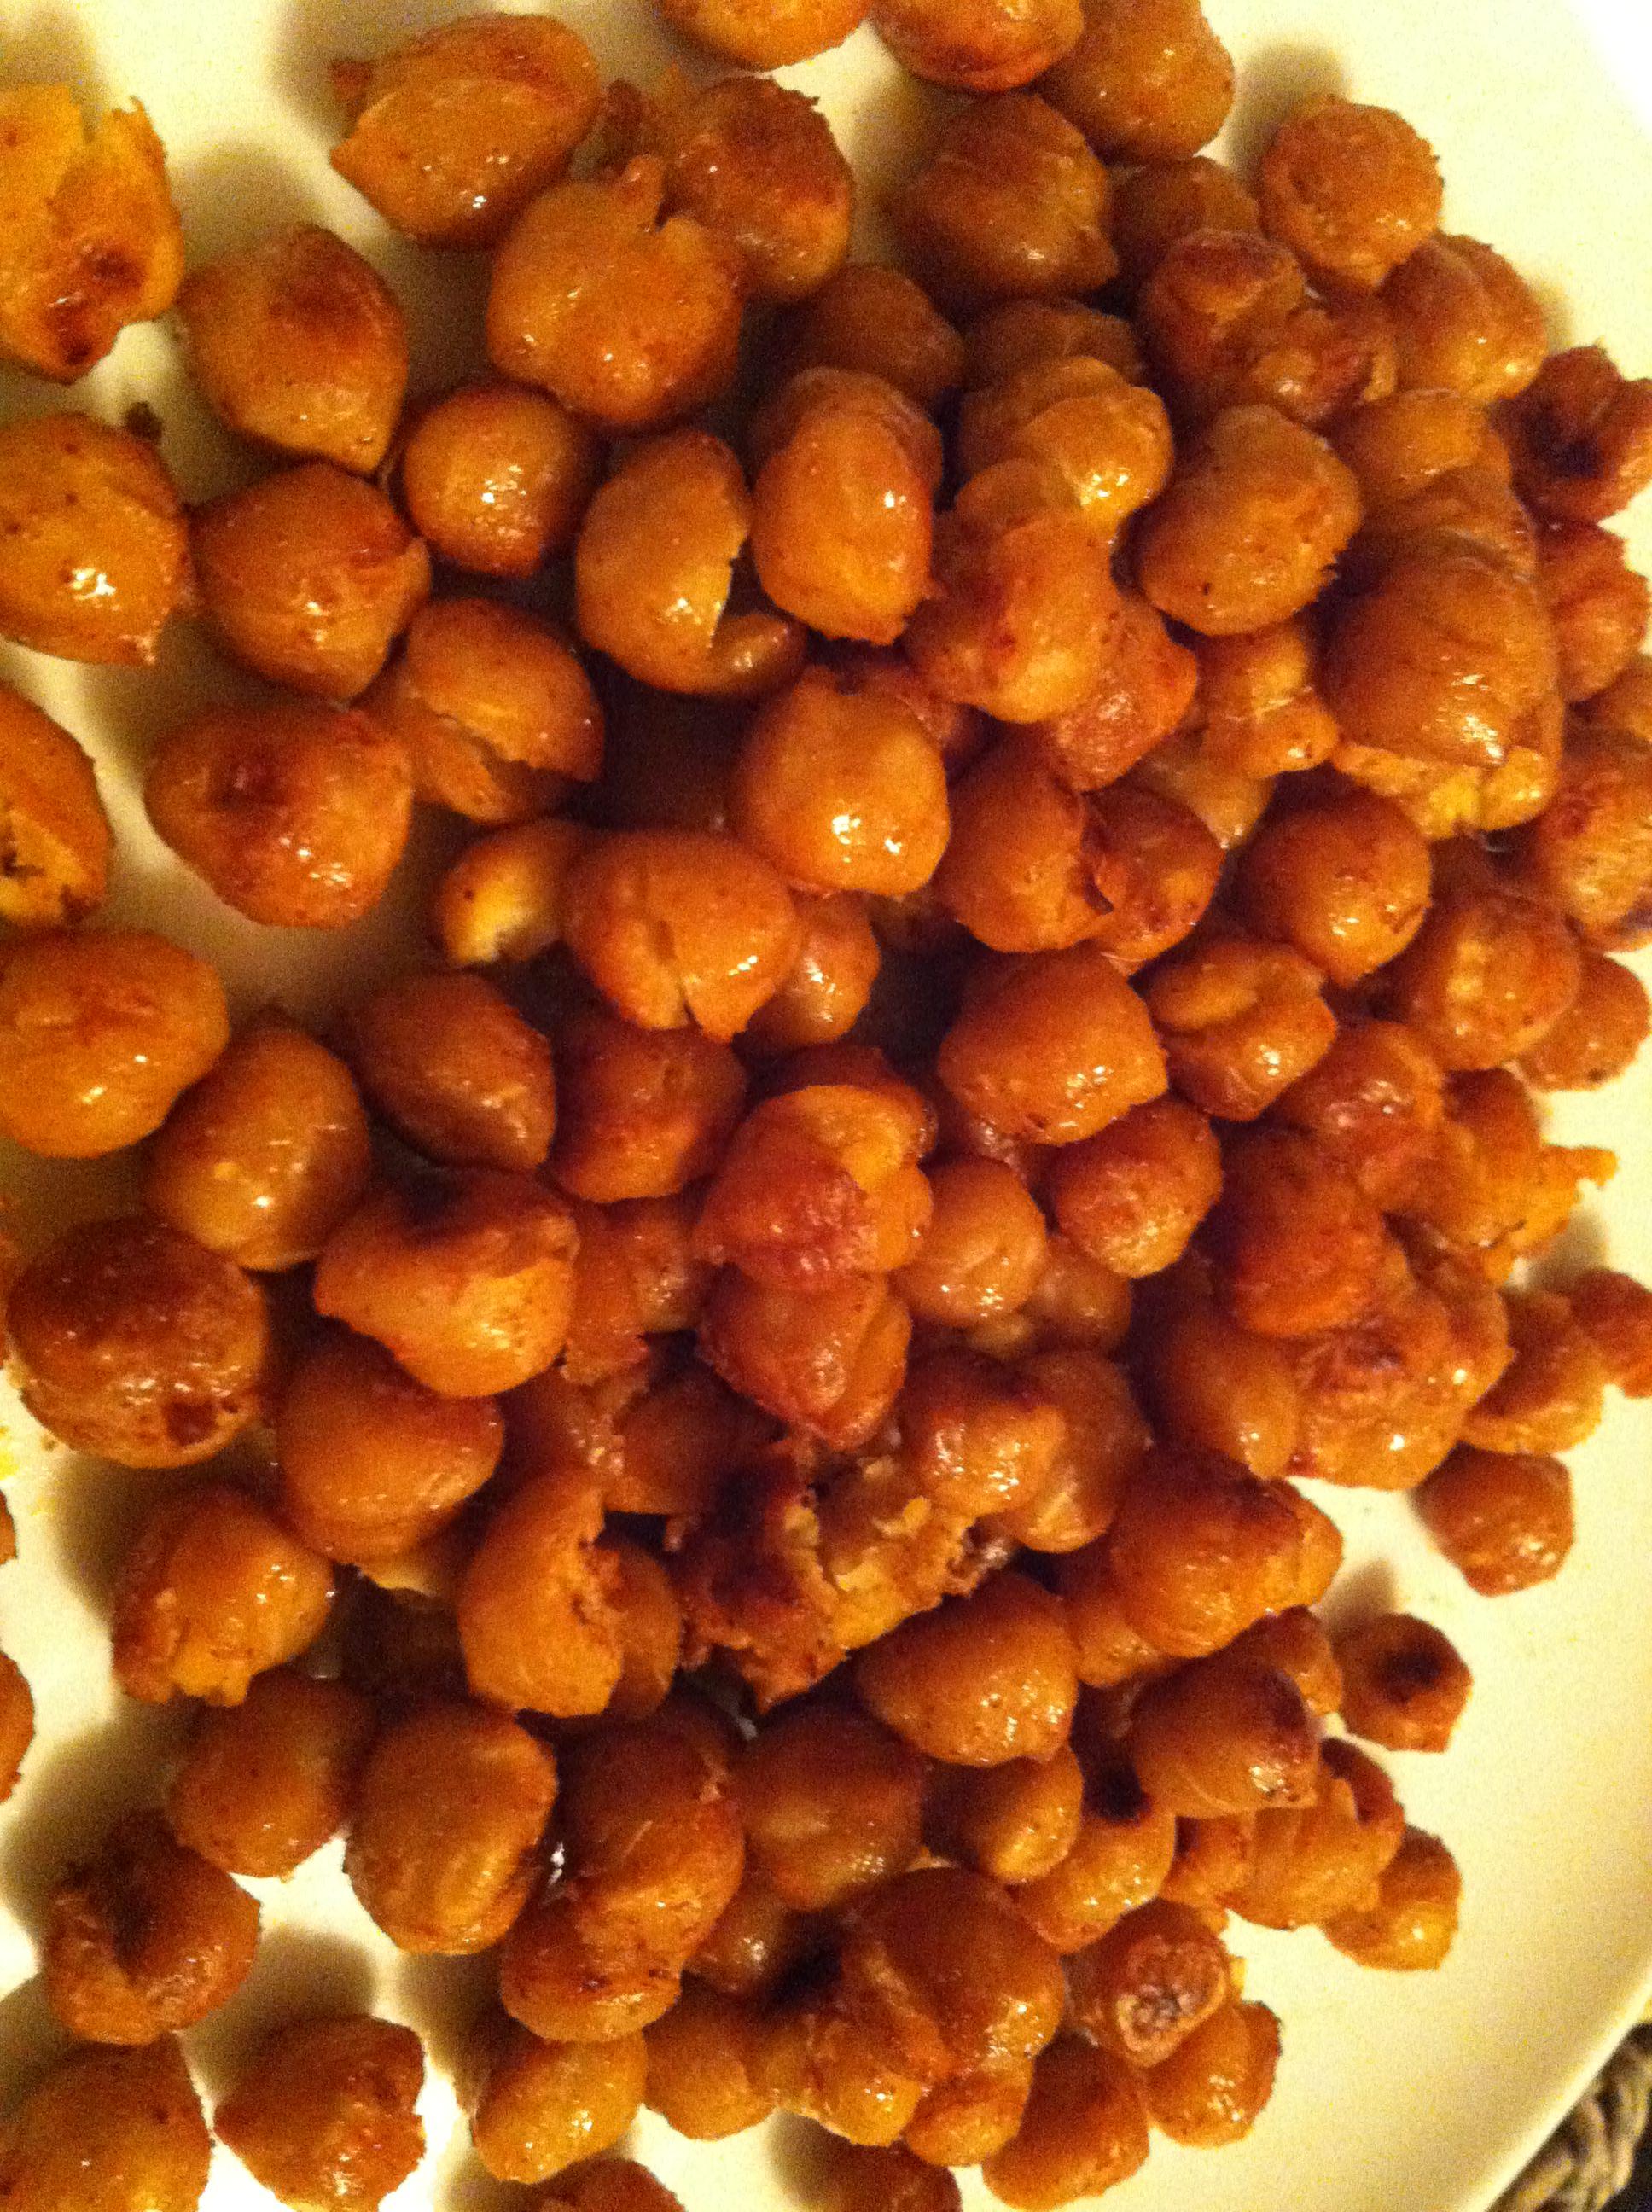 Roasted Chickpeas recipe - A Cedar Spoon